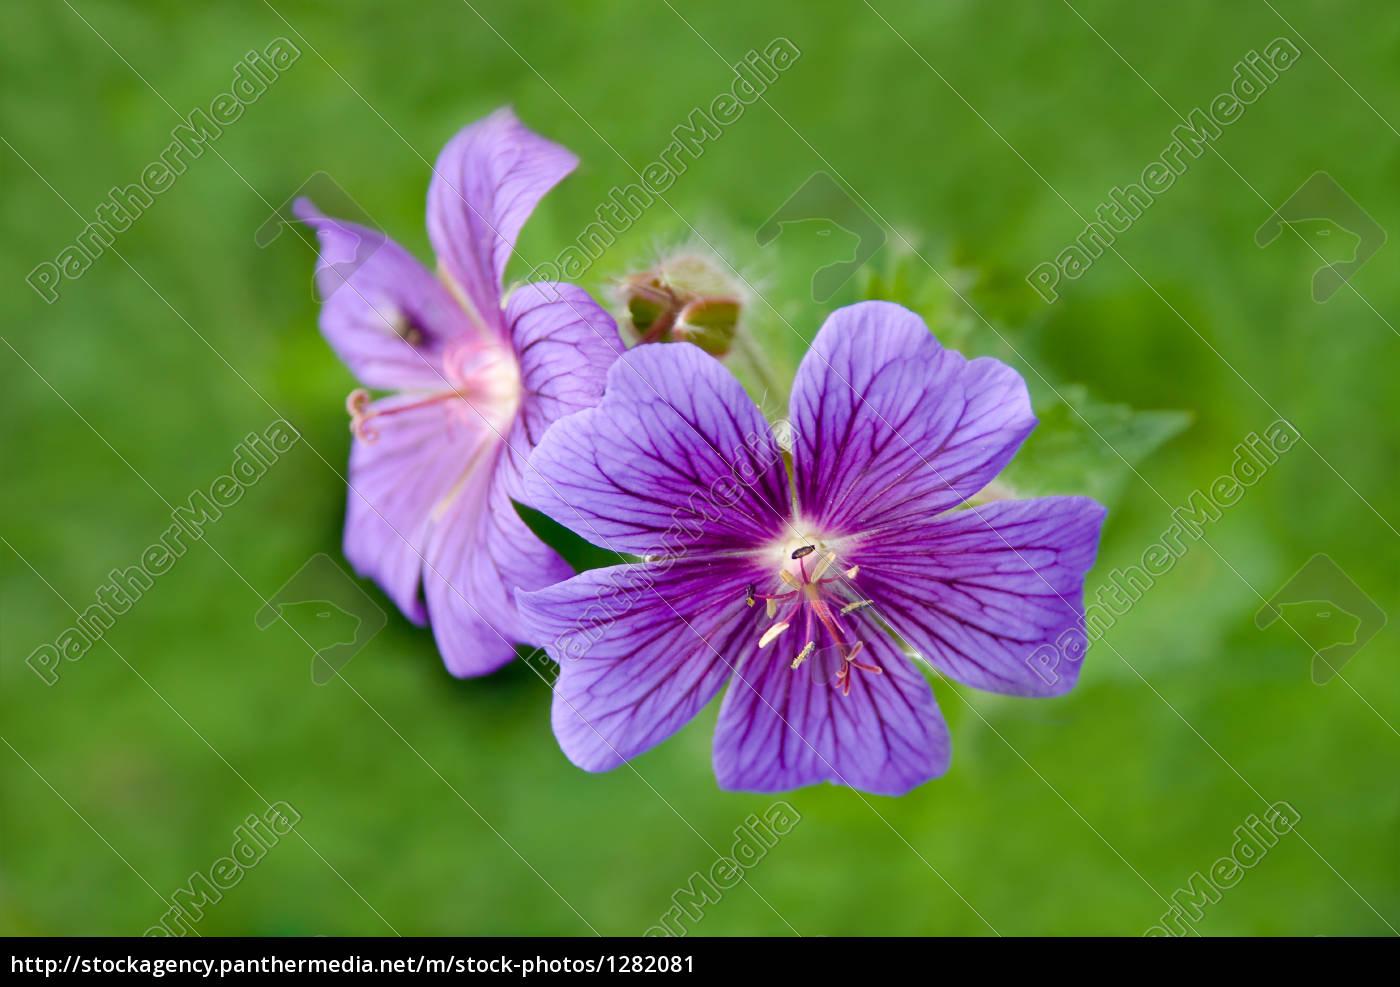 Lizenzfreies Bild 1282081 - Wiesenblumen in Wiesenblume Violett